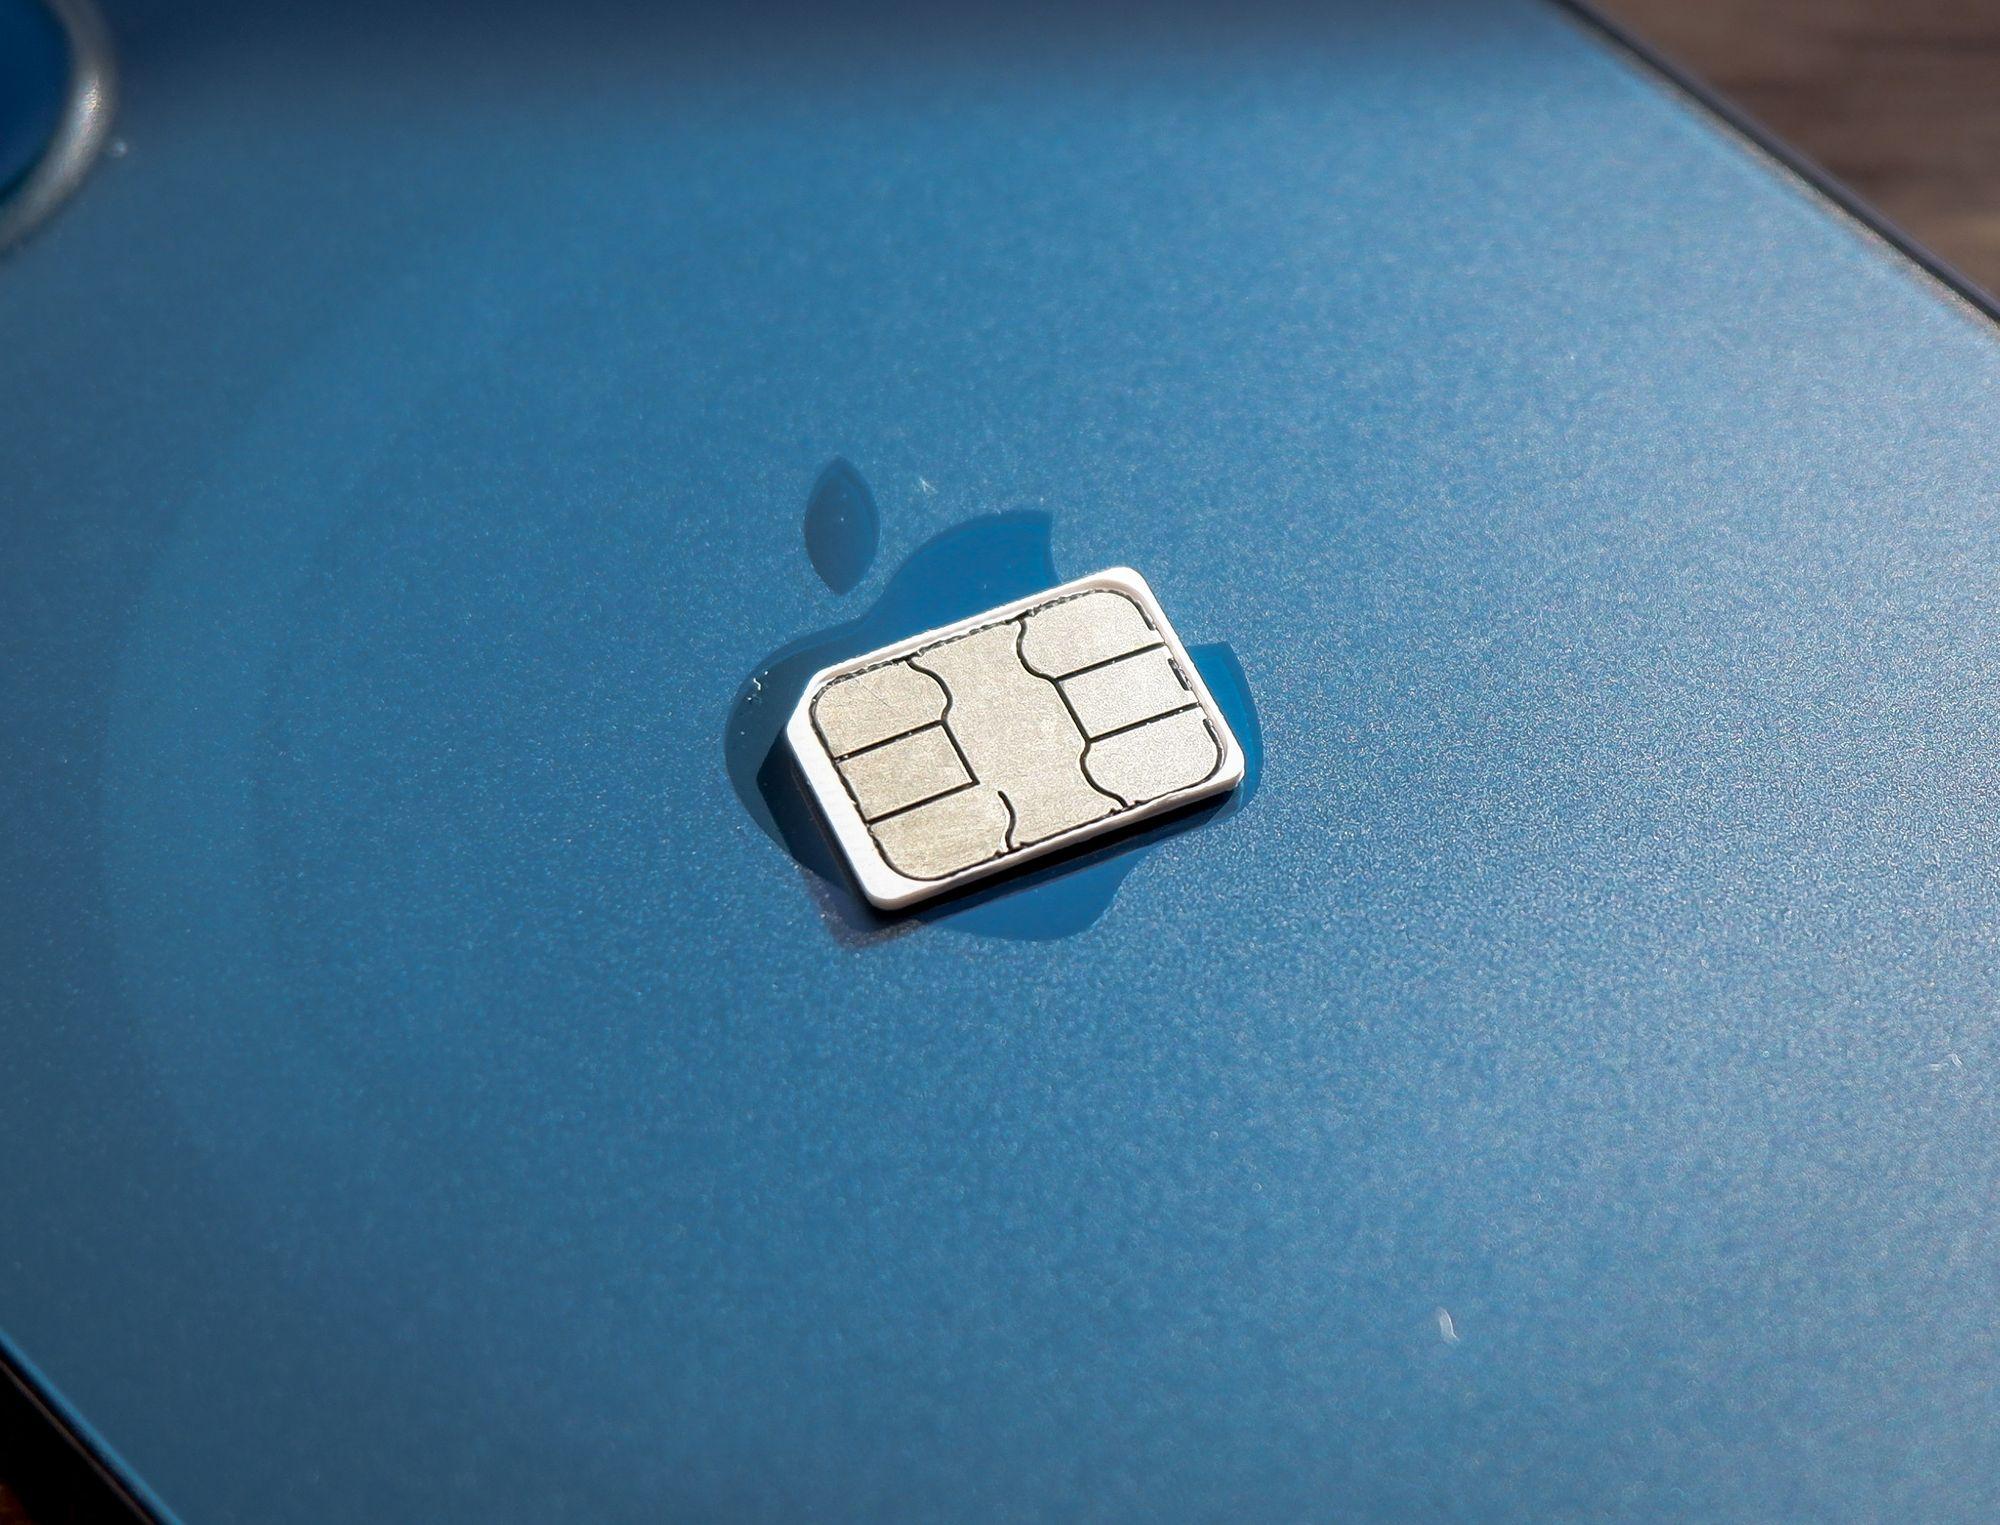 Cartão SIM iPhone com marcas do MagSafe